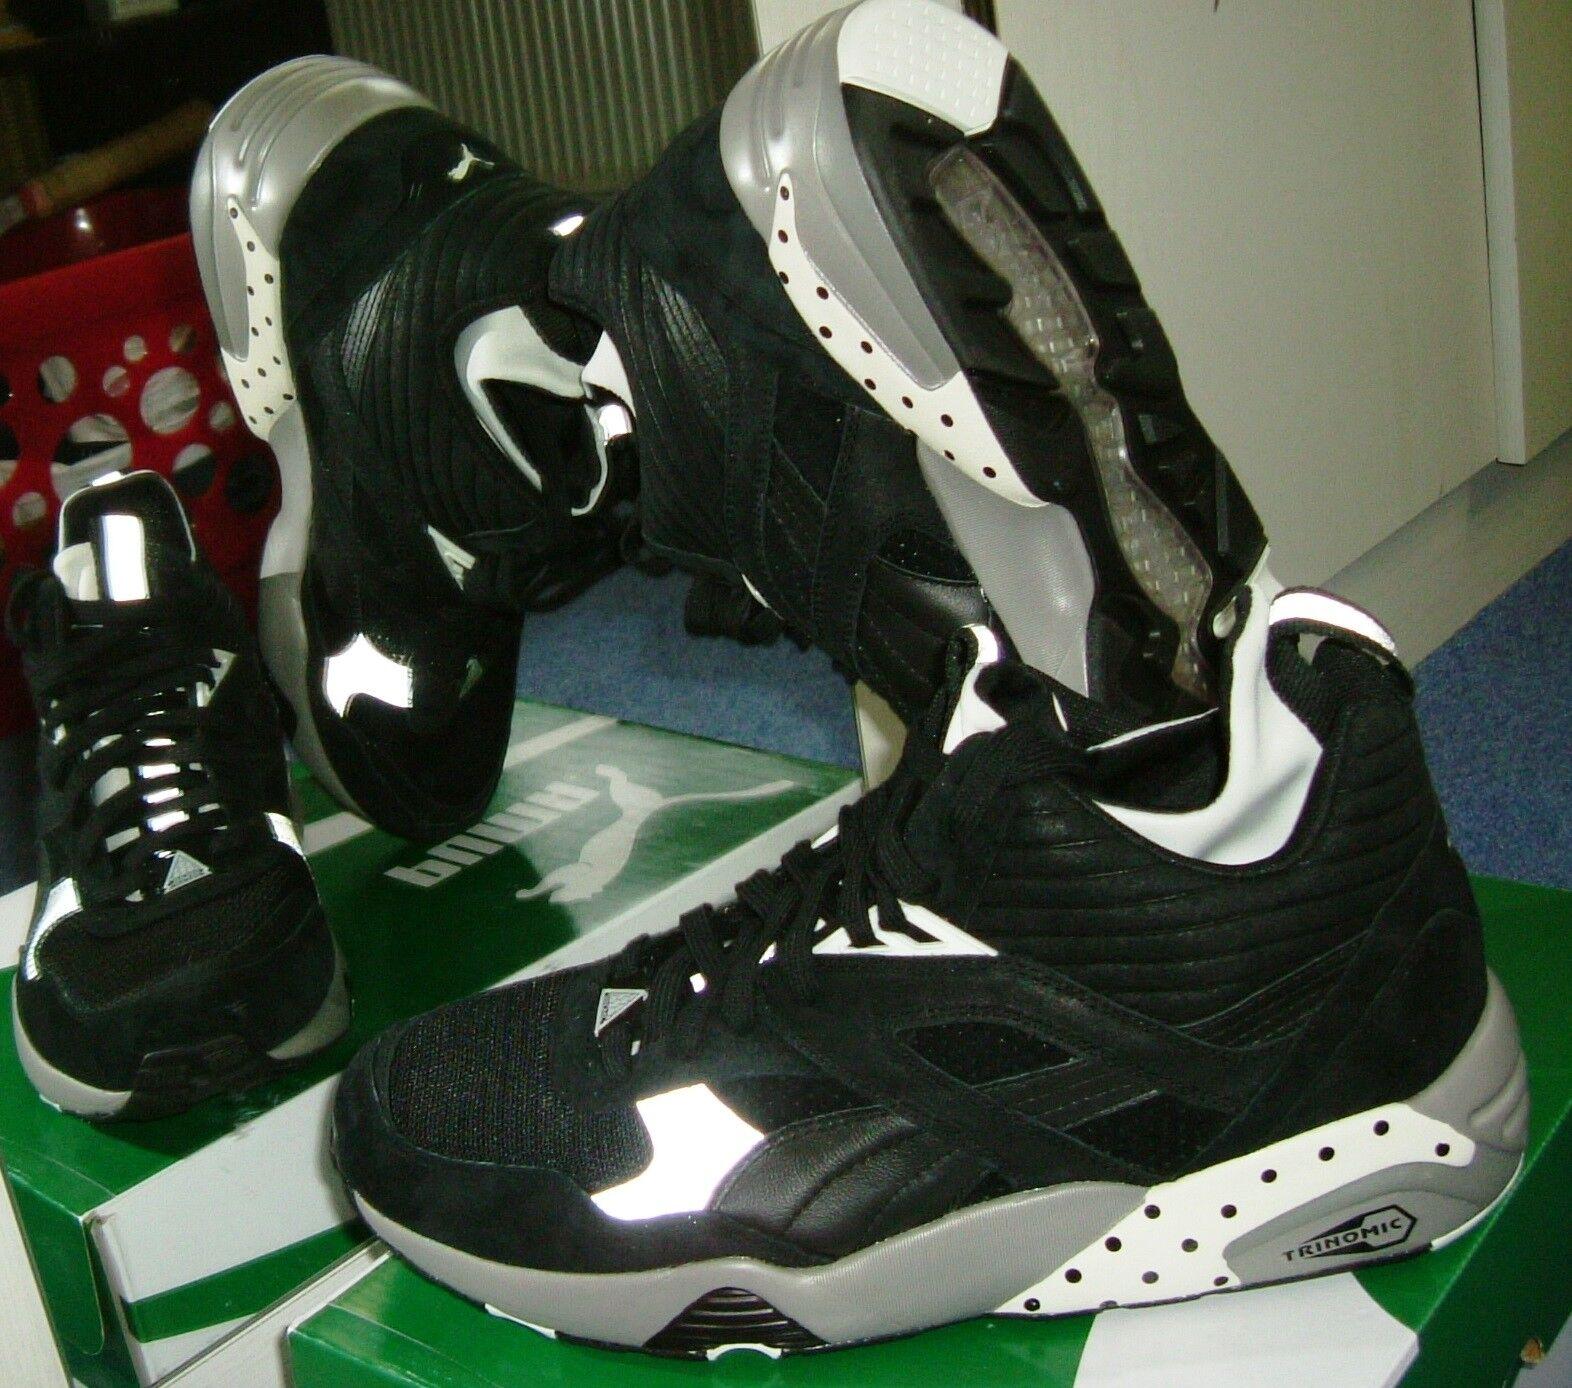 Neue Puma R698 Mid Trinomic Herren eher Sneaker LaufZapatos, Gr. 44 eher Herren 43 93ba43